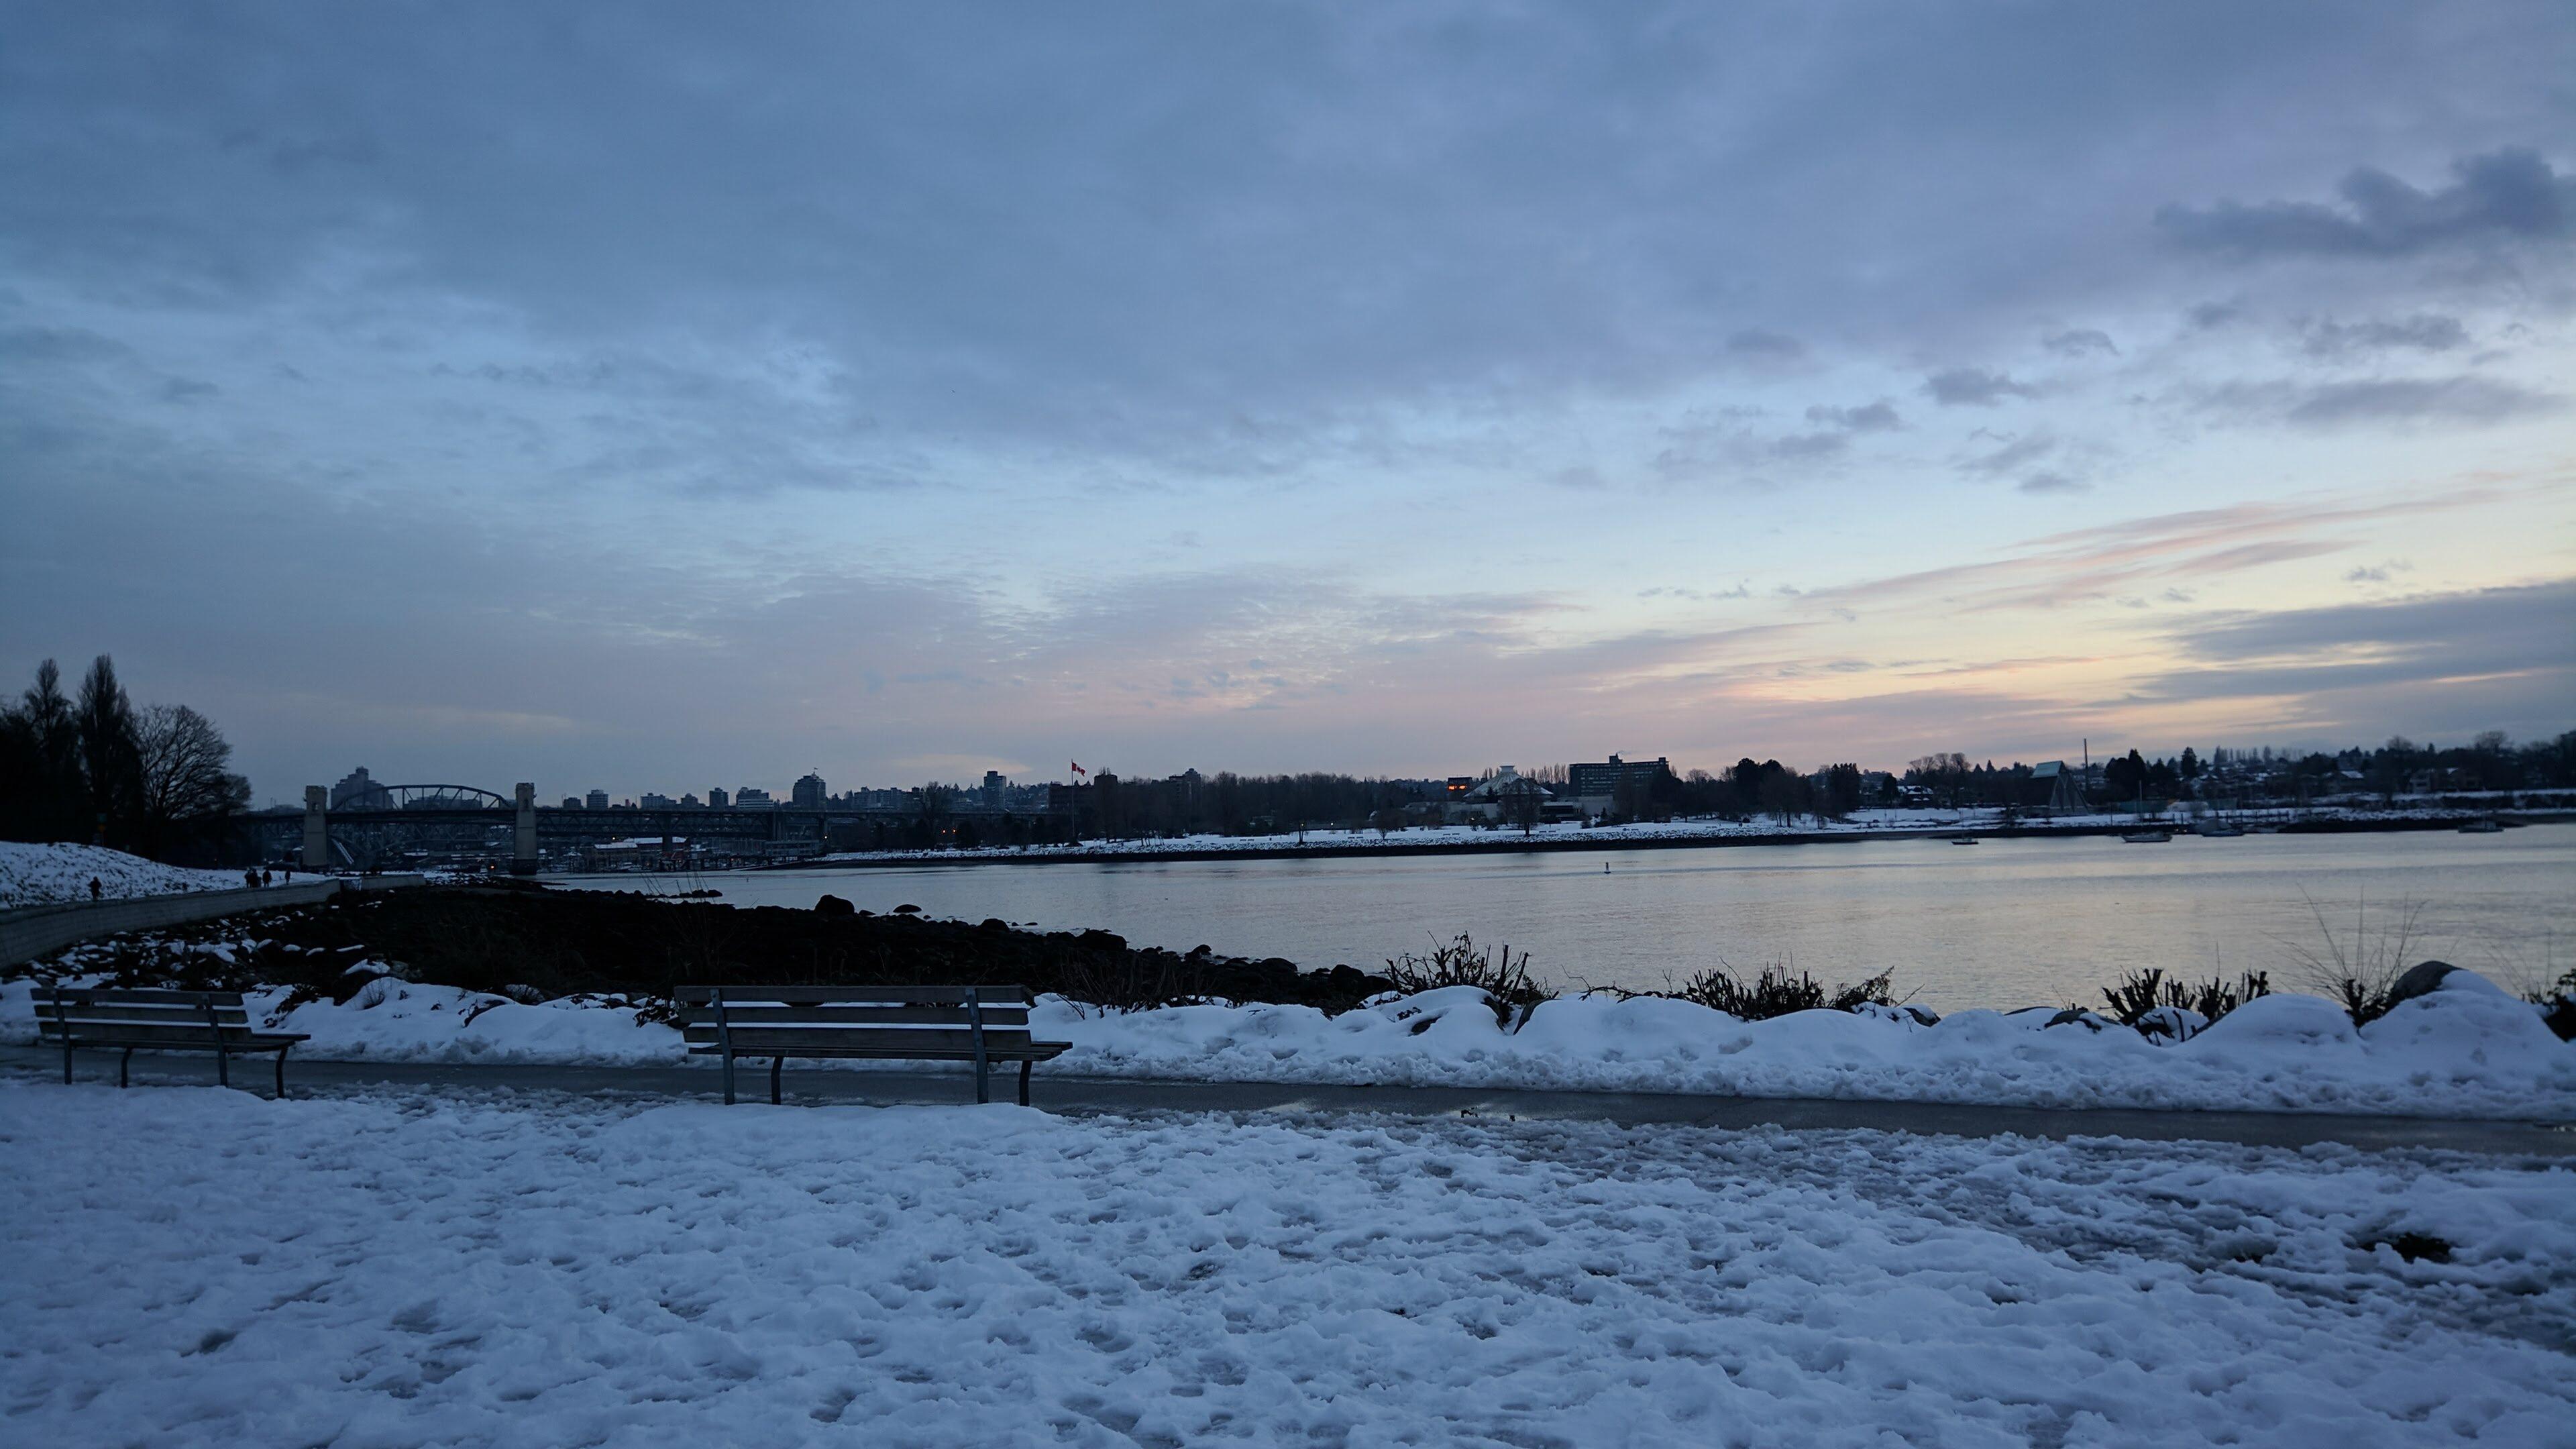 Praia com neve no inverno vancouver canada english bay